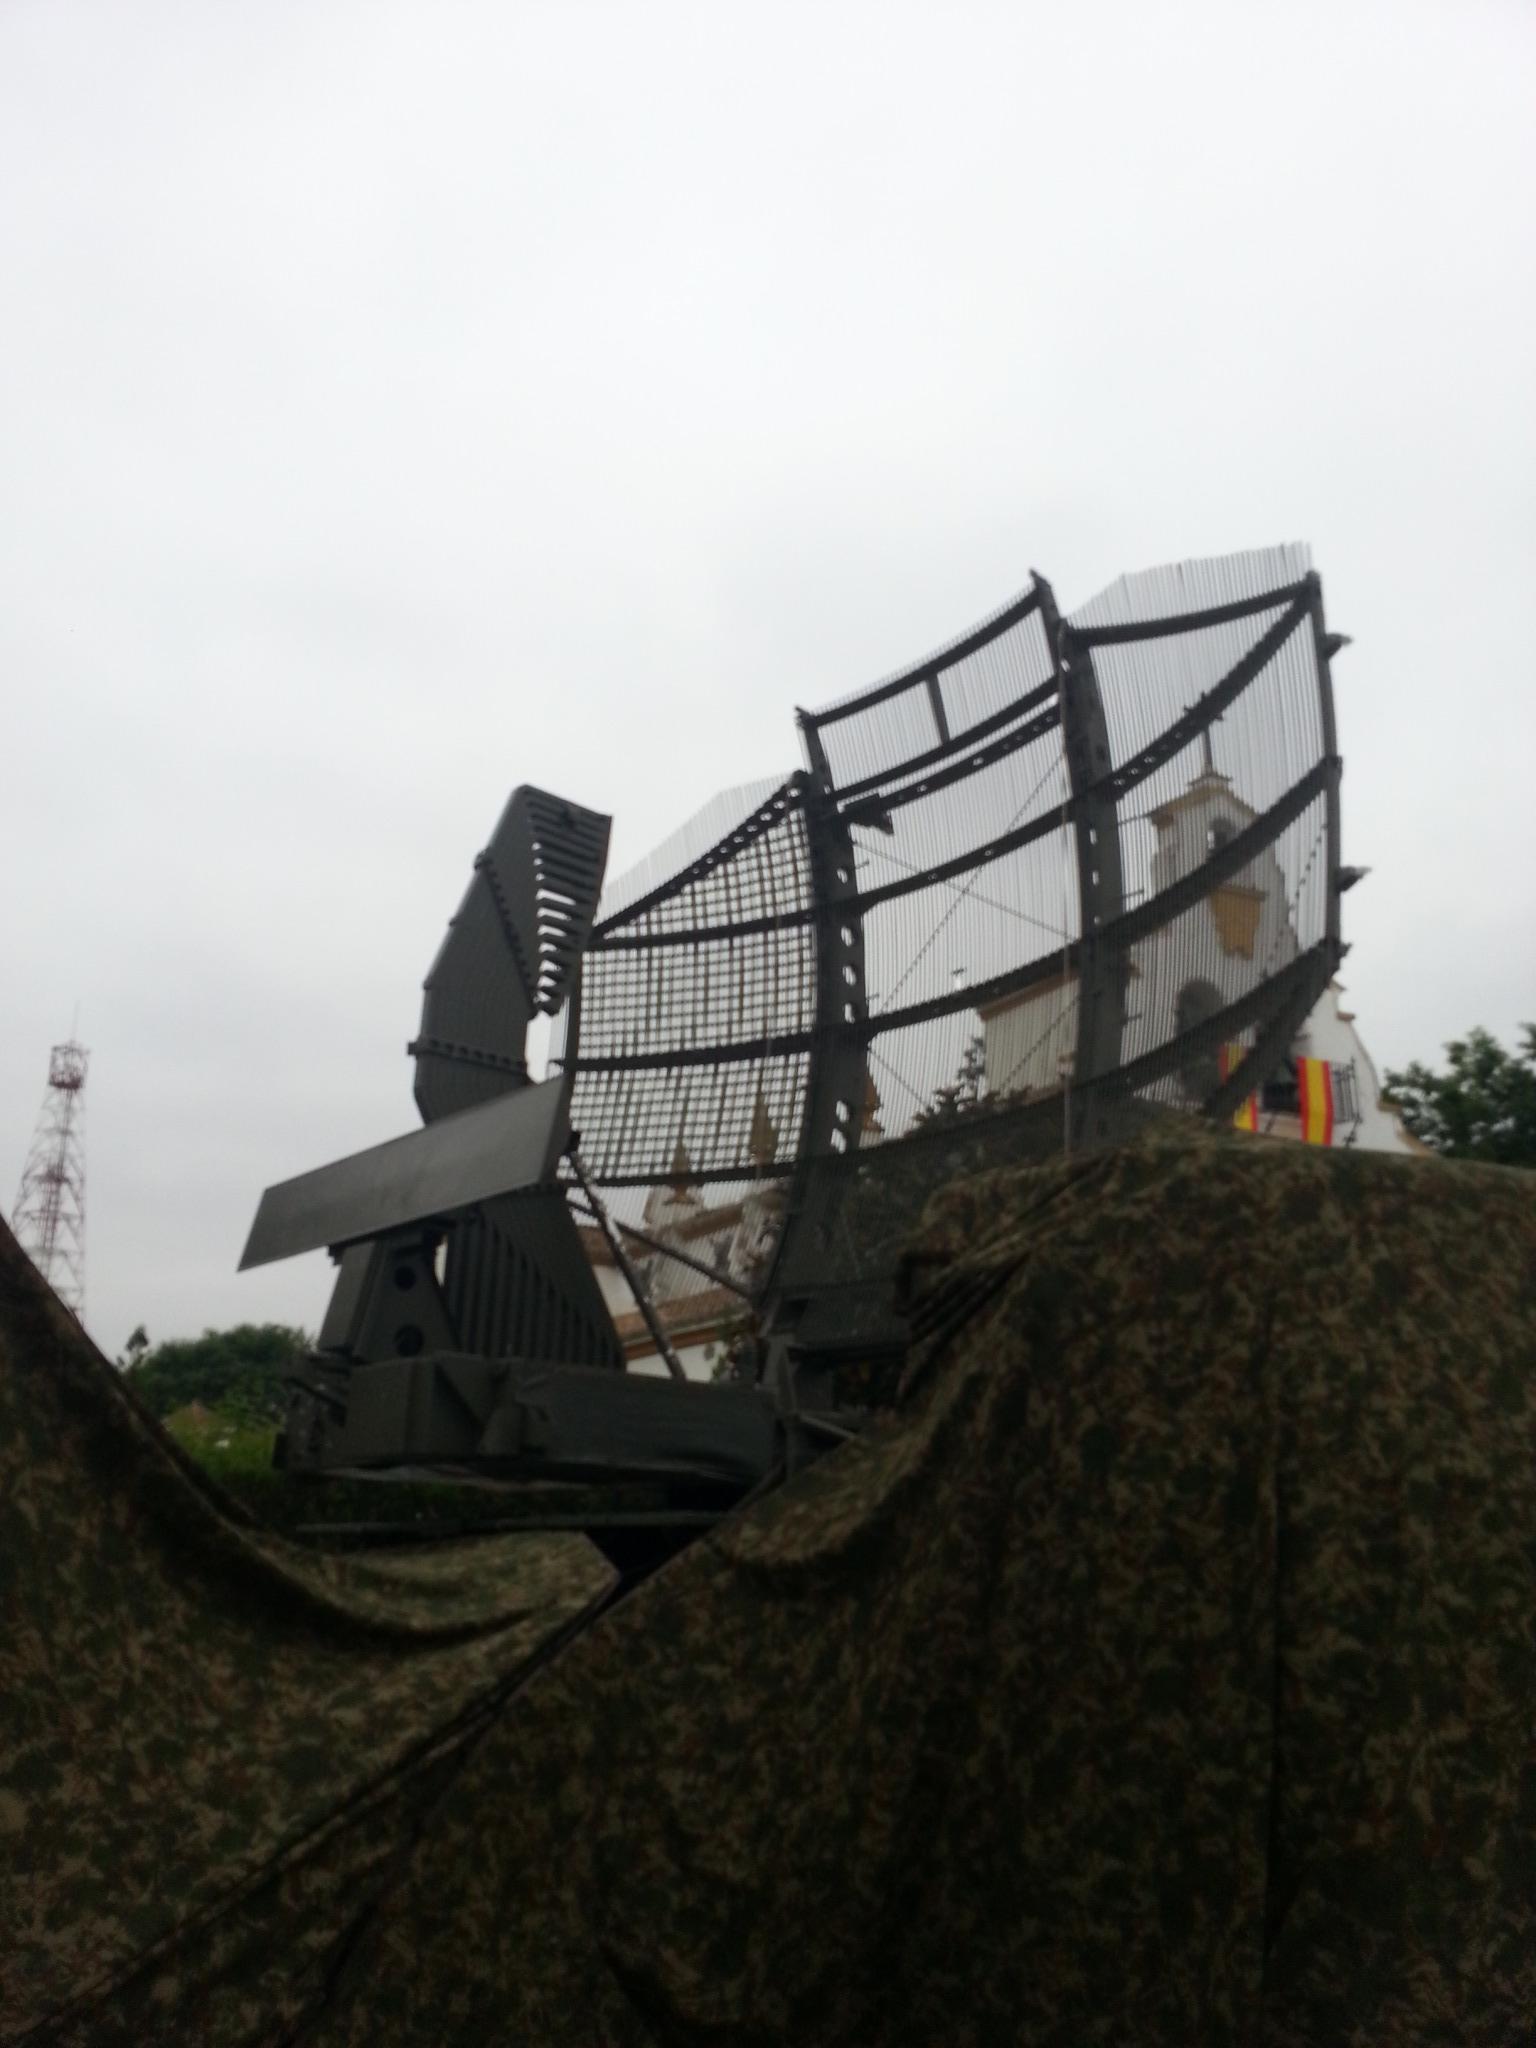 Sistema de Radar de Vigilancia Aérea AN/TPS-43. Este equipo, fabricado por Northrop-Grumman, es de tipo tridimensional (Azimut/Rumbo, Distancia y Altura)